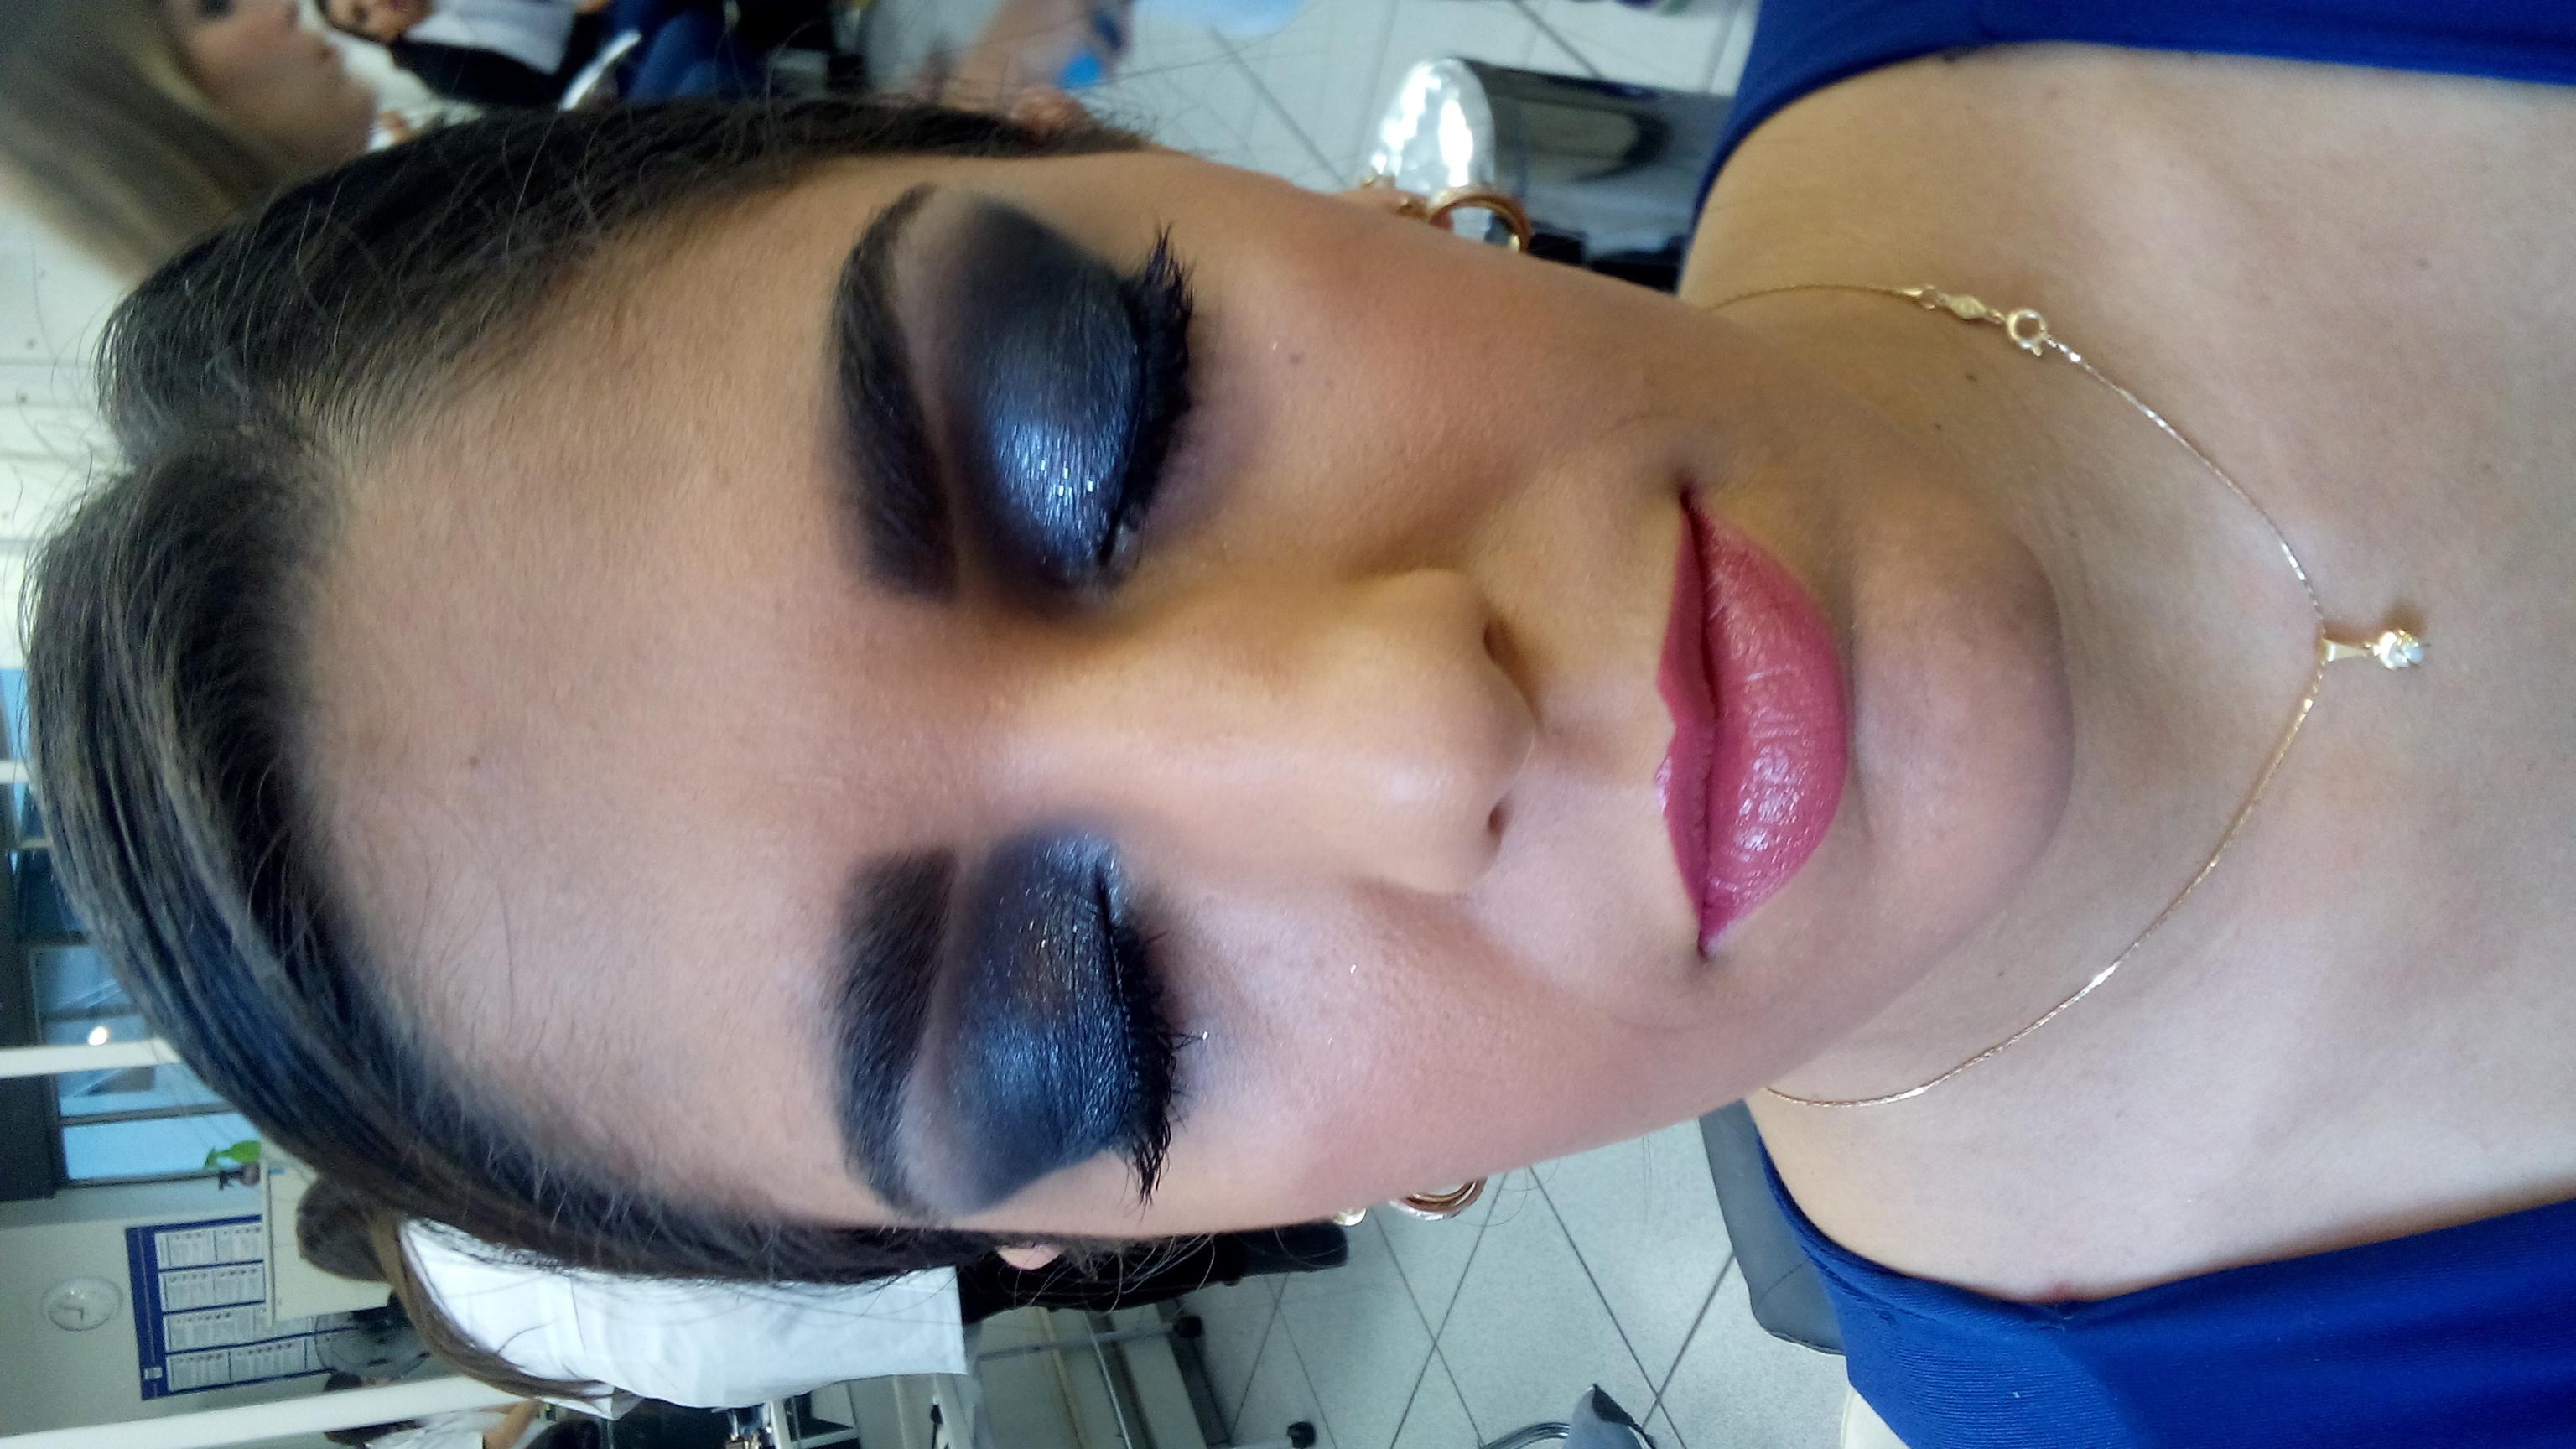 Maquiagem Sofisticada  noite, elegante,, sofisticada, casamento, balada, maquiagem  maquiador(a) produtor(a)